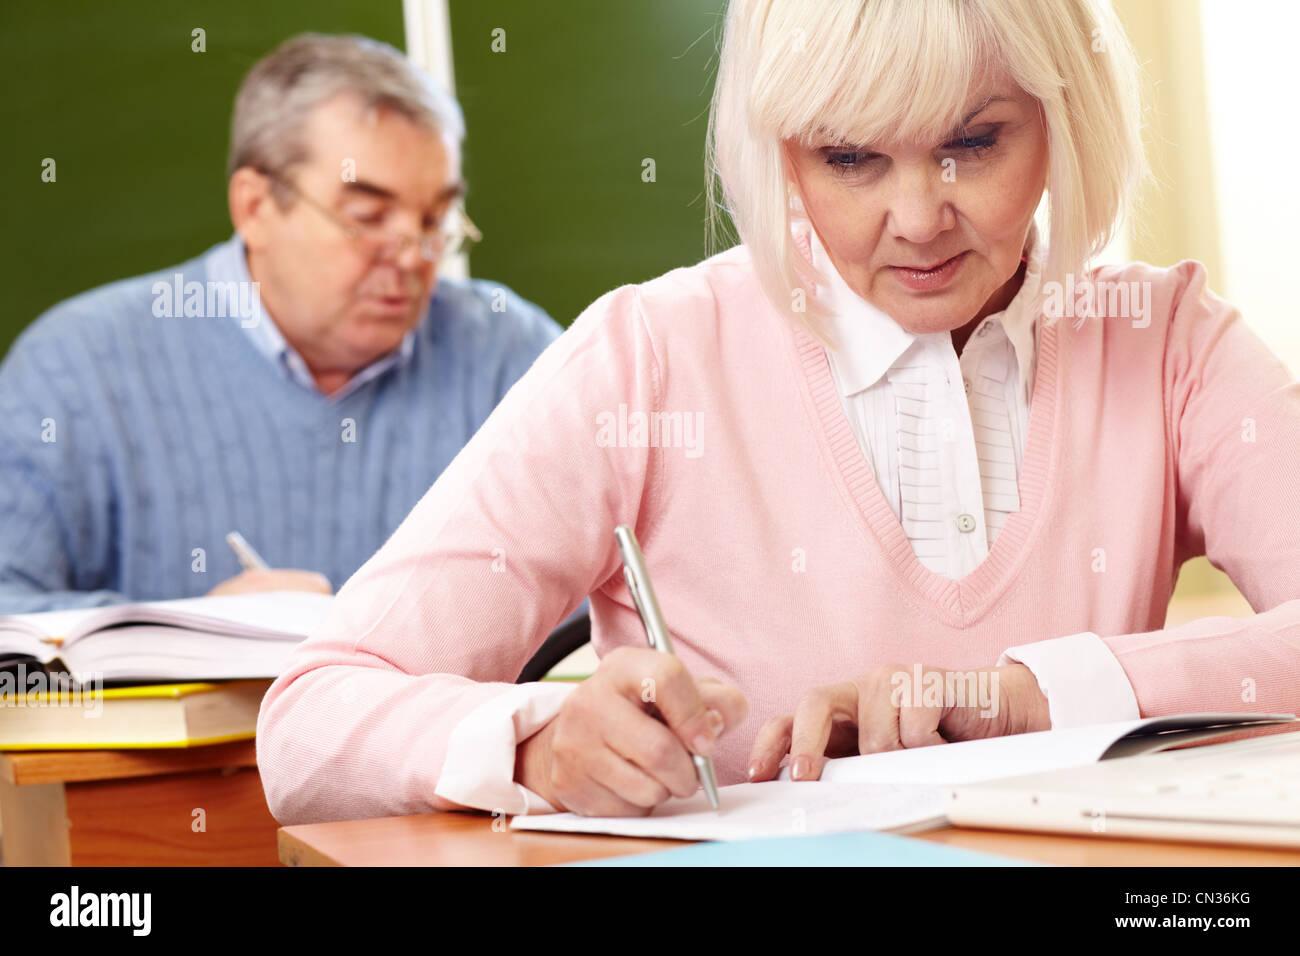 Zwei schwere Senioren tun eine Schreibaufgabe im Klassenzimmer Stockfoto